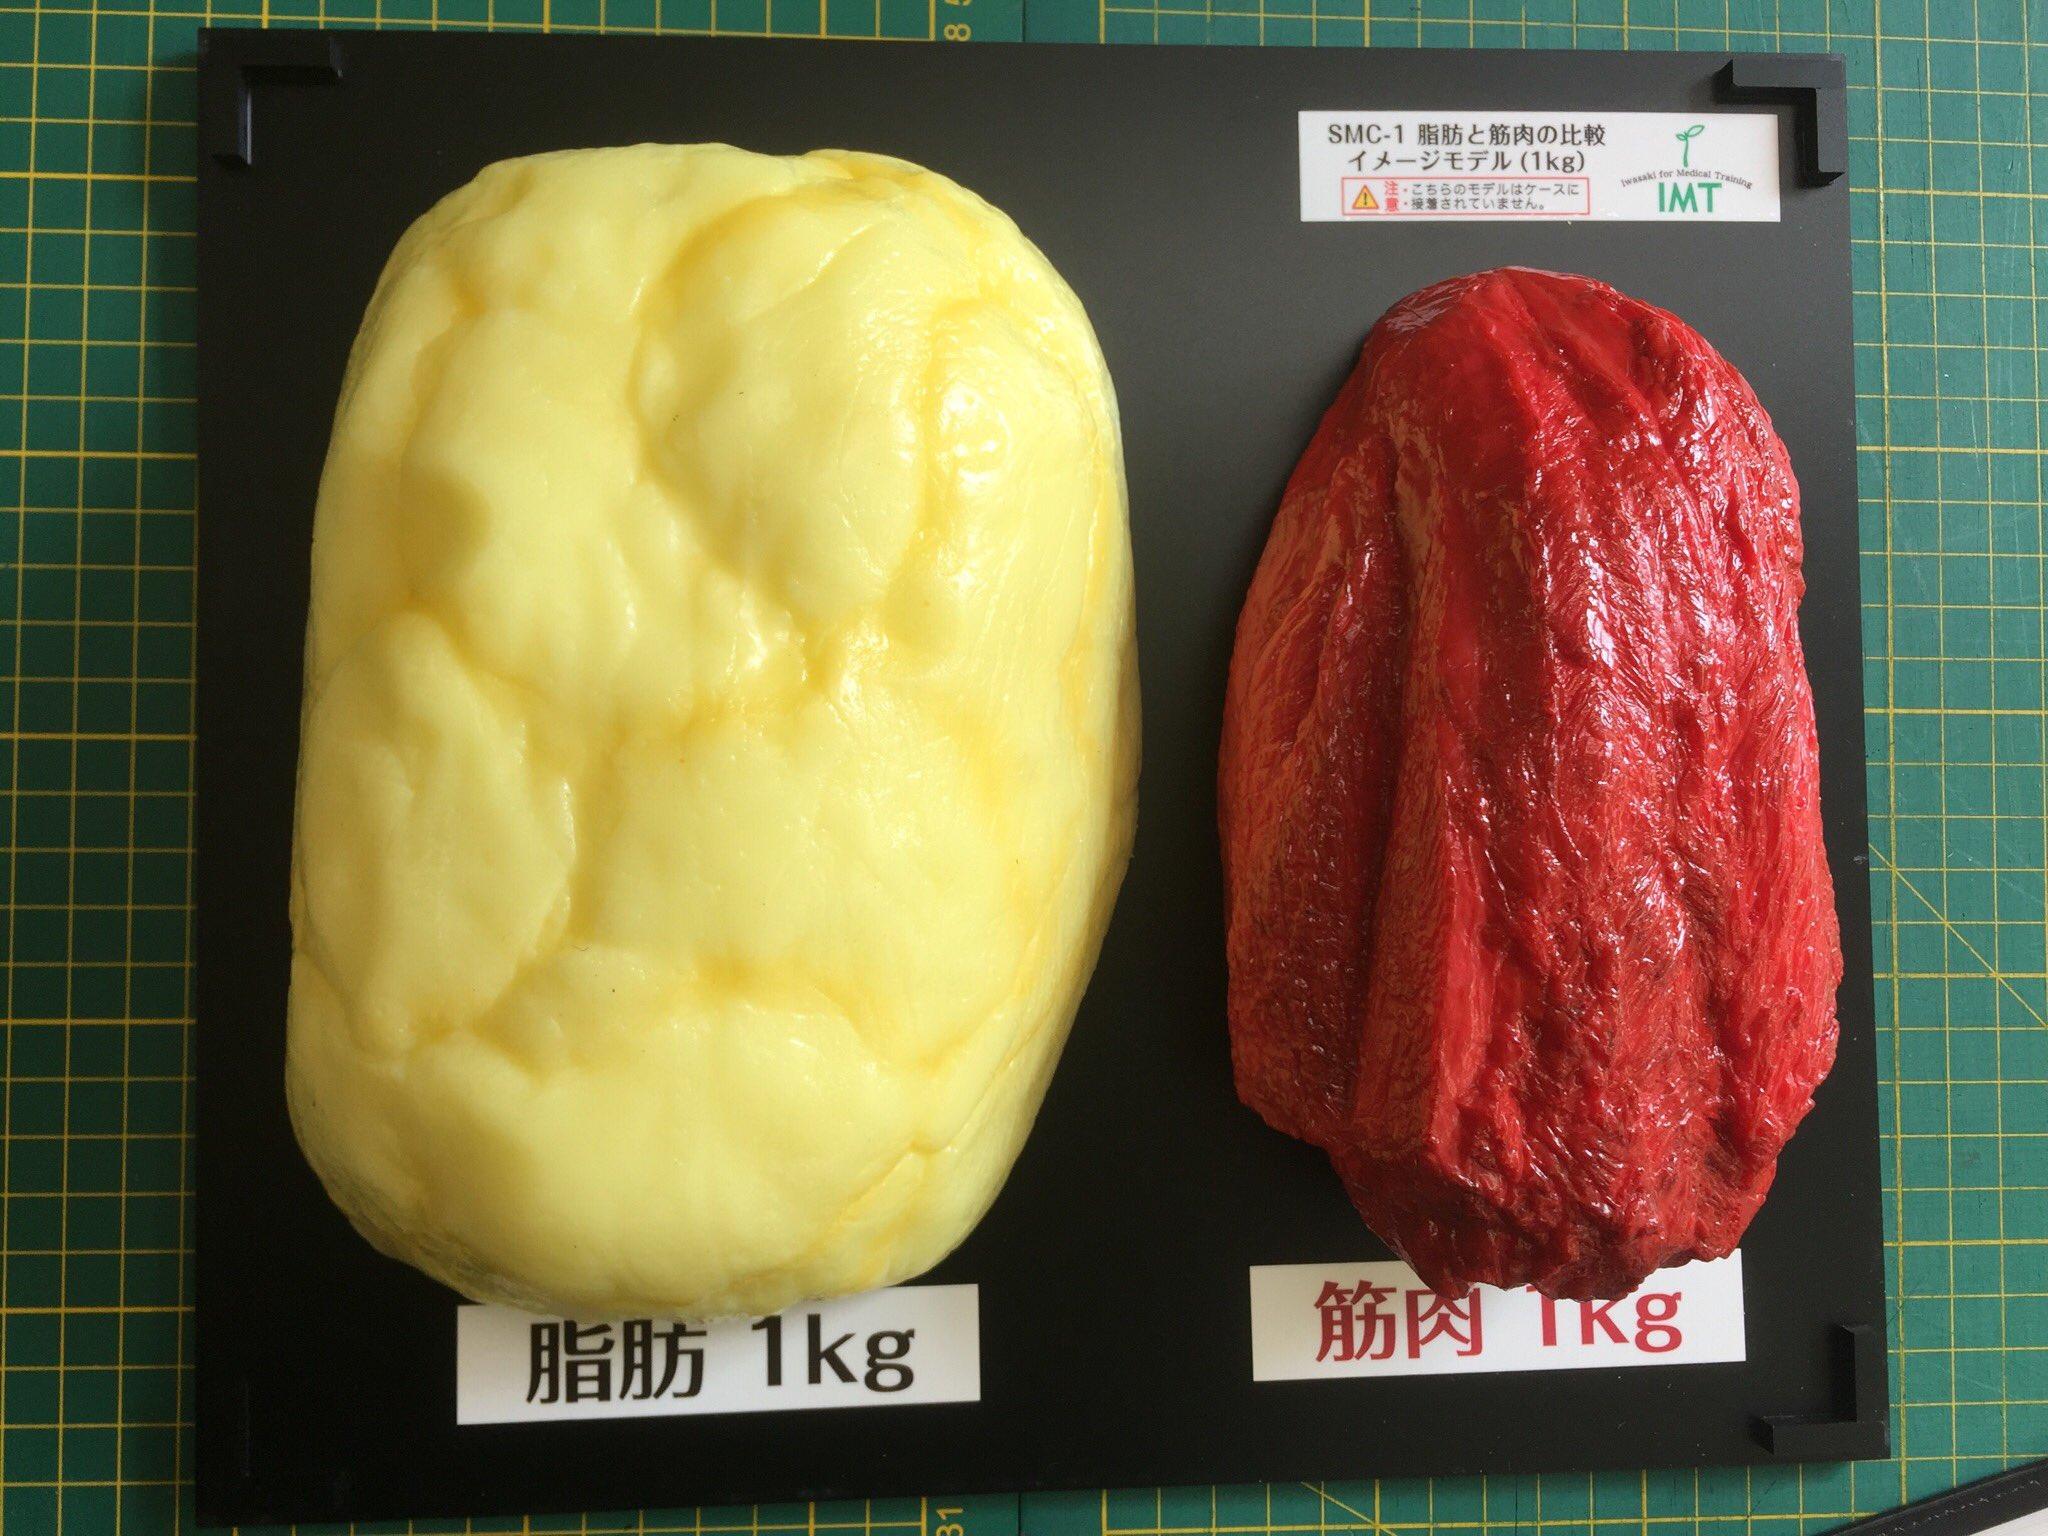 脂肪1kgと筋肉1kg